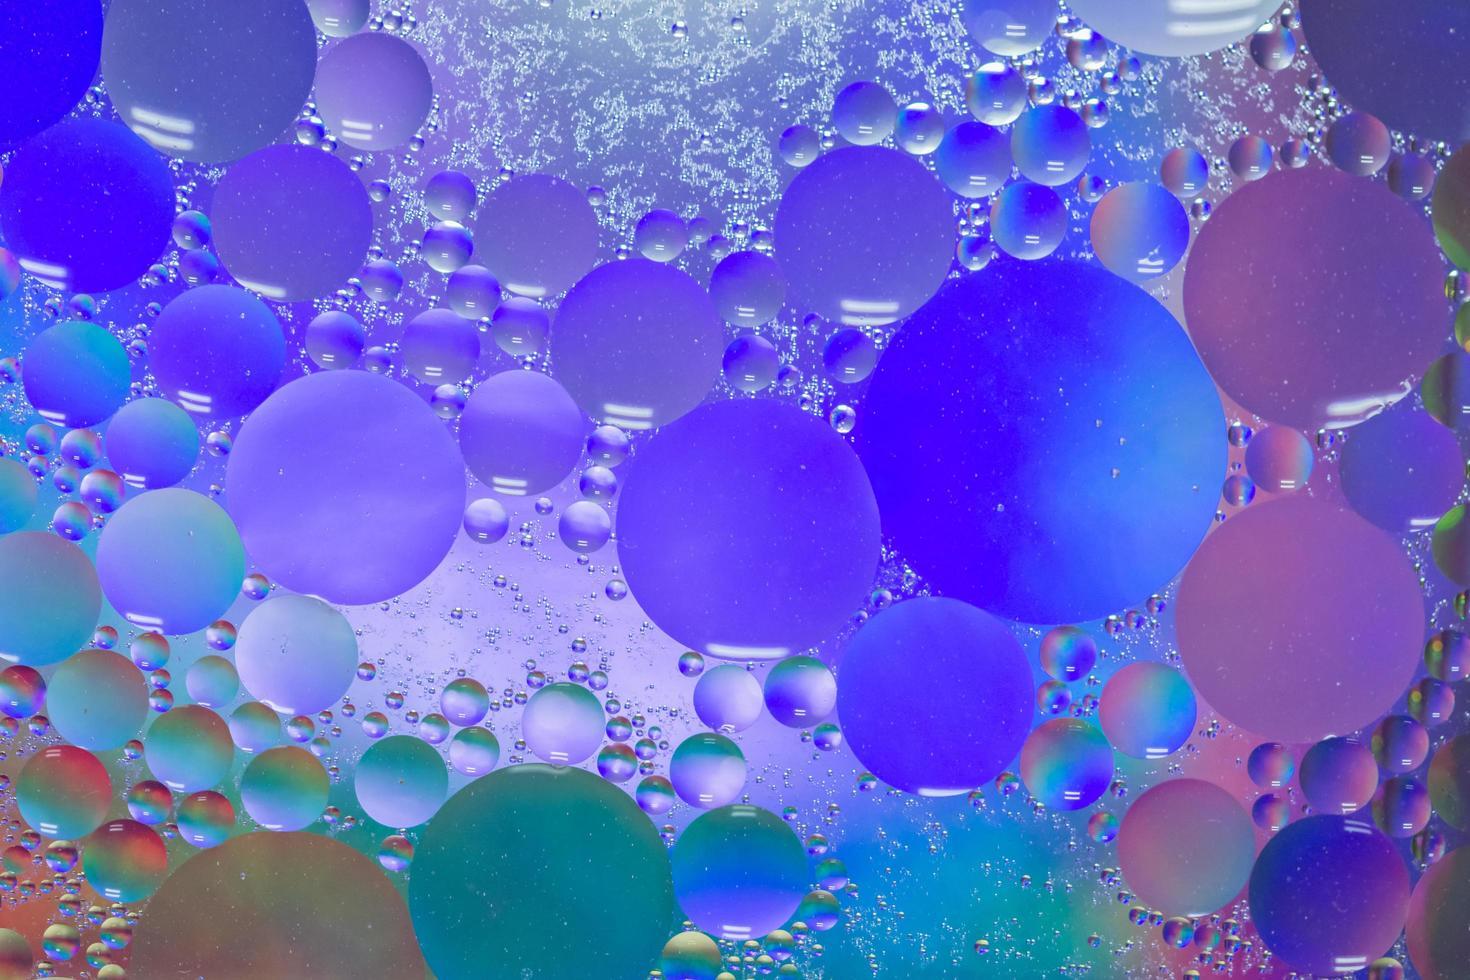 olja och vatten abstrakt makro bakgrund foto